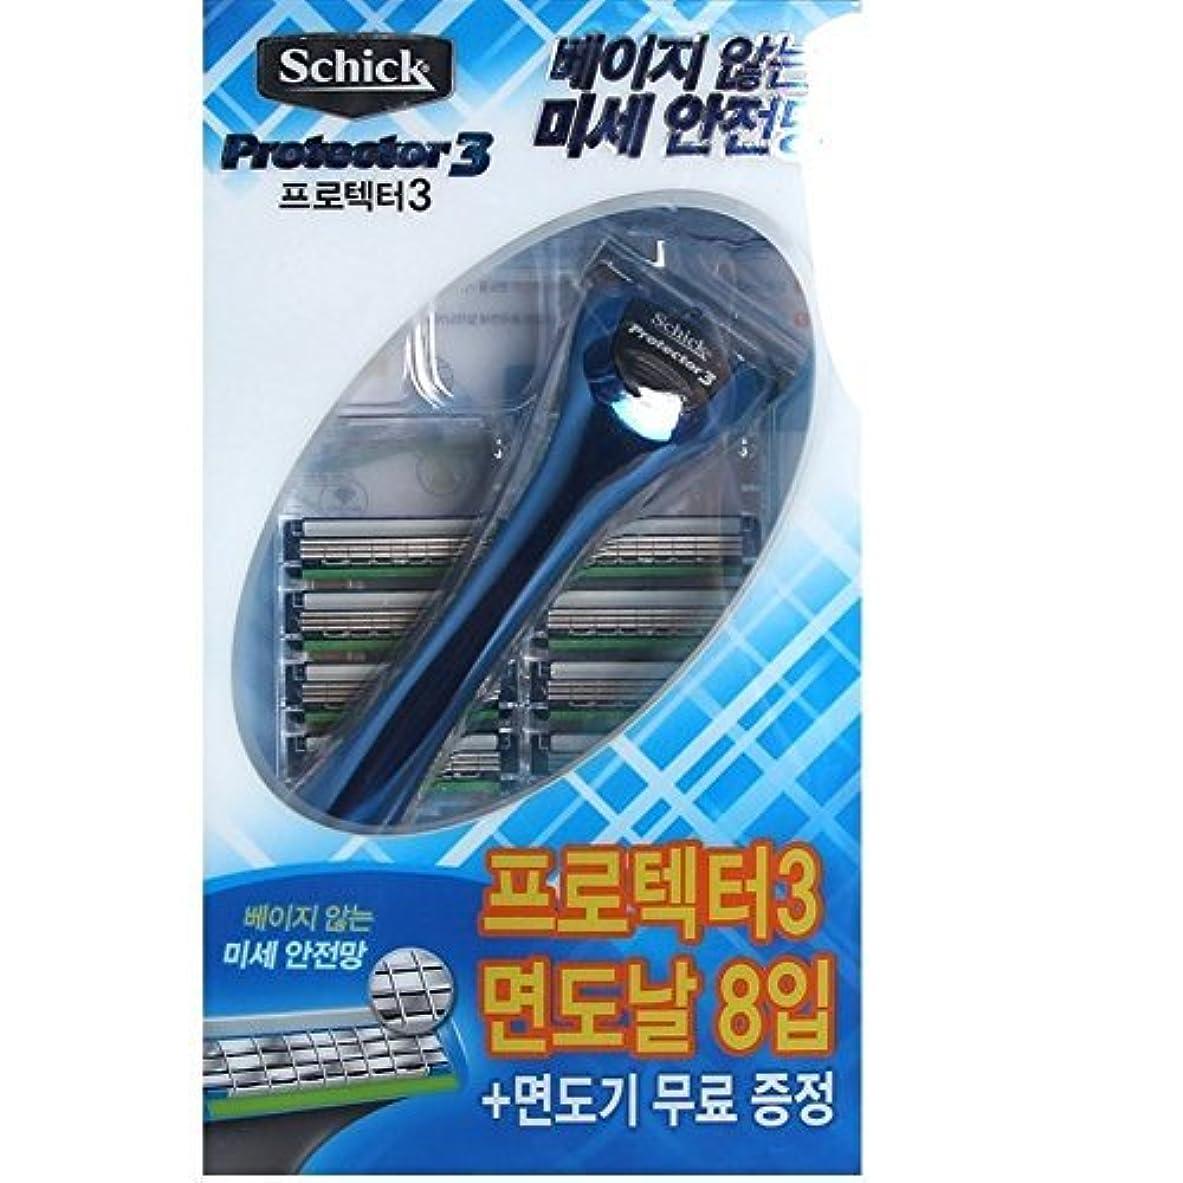 報奨金黄ばむしみSchick Protector3 1 Razor + 8 カートリッジリフィルブレイド [並行輸入品]